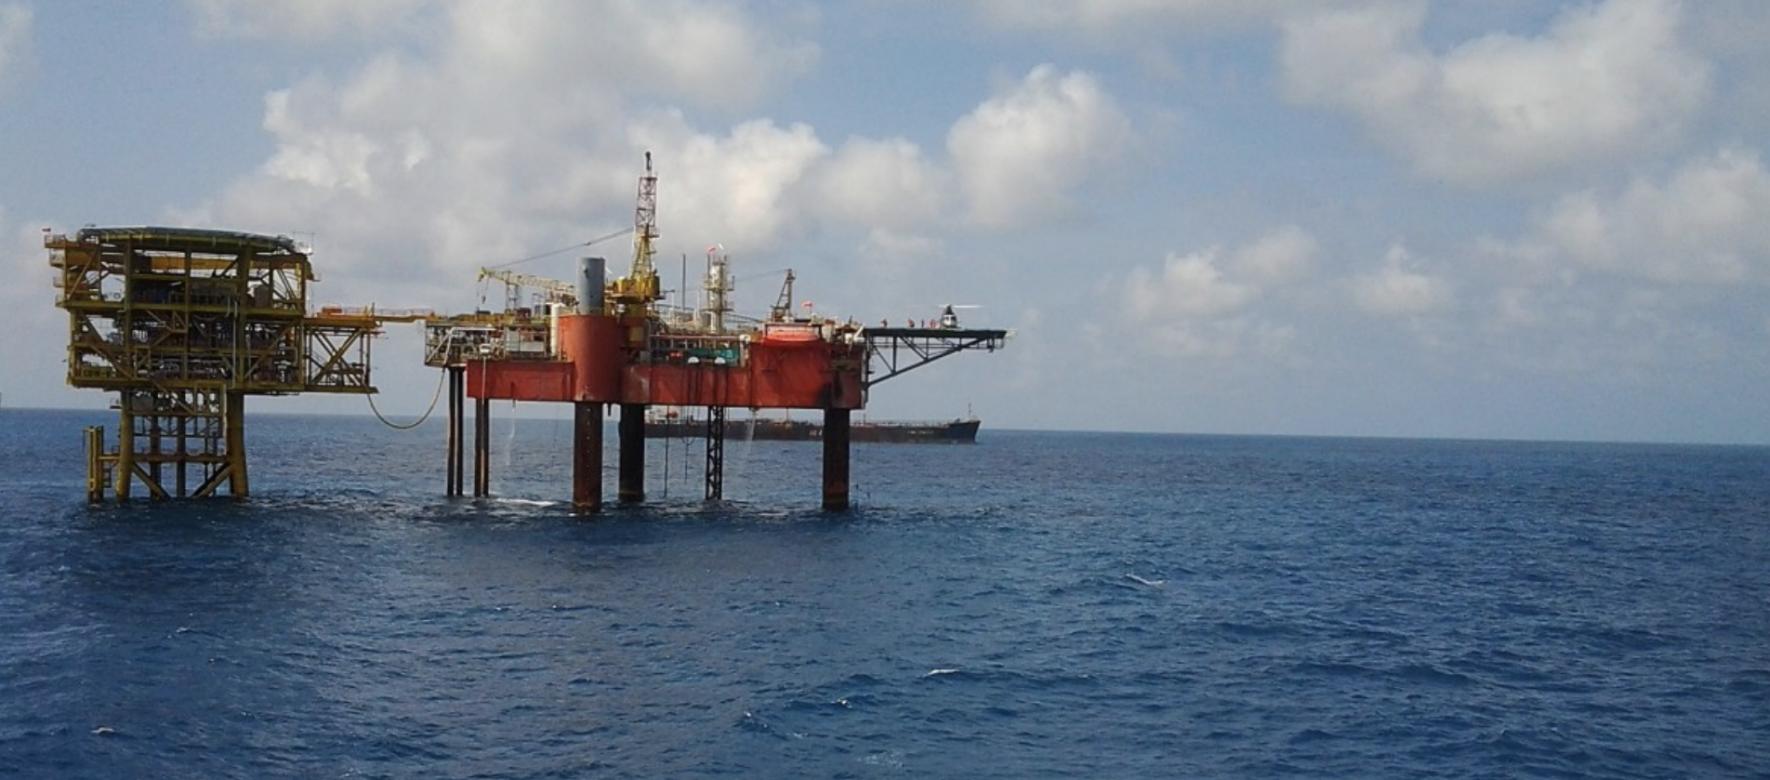 L'Egypte continue sa progression dans le secteur pétrogazier